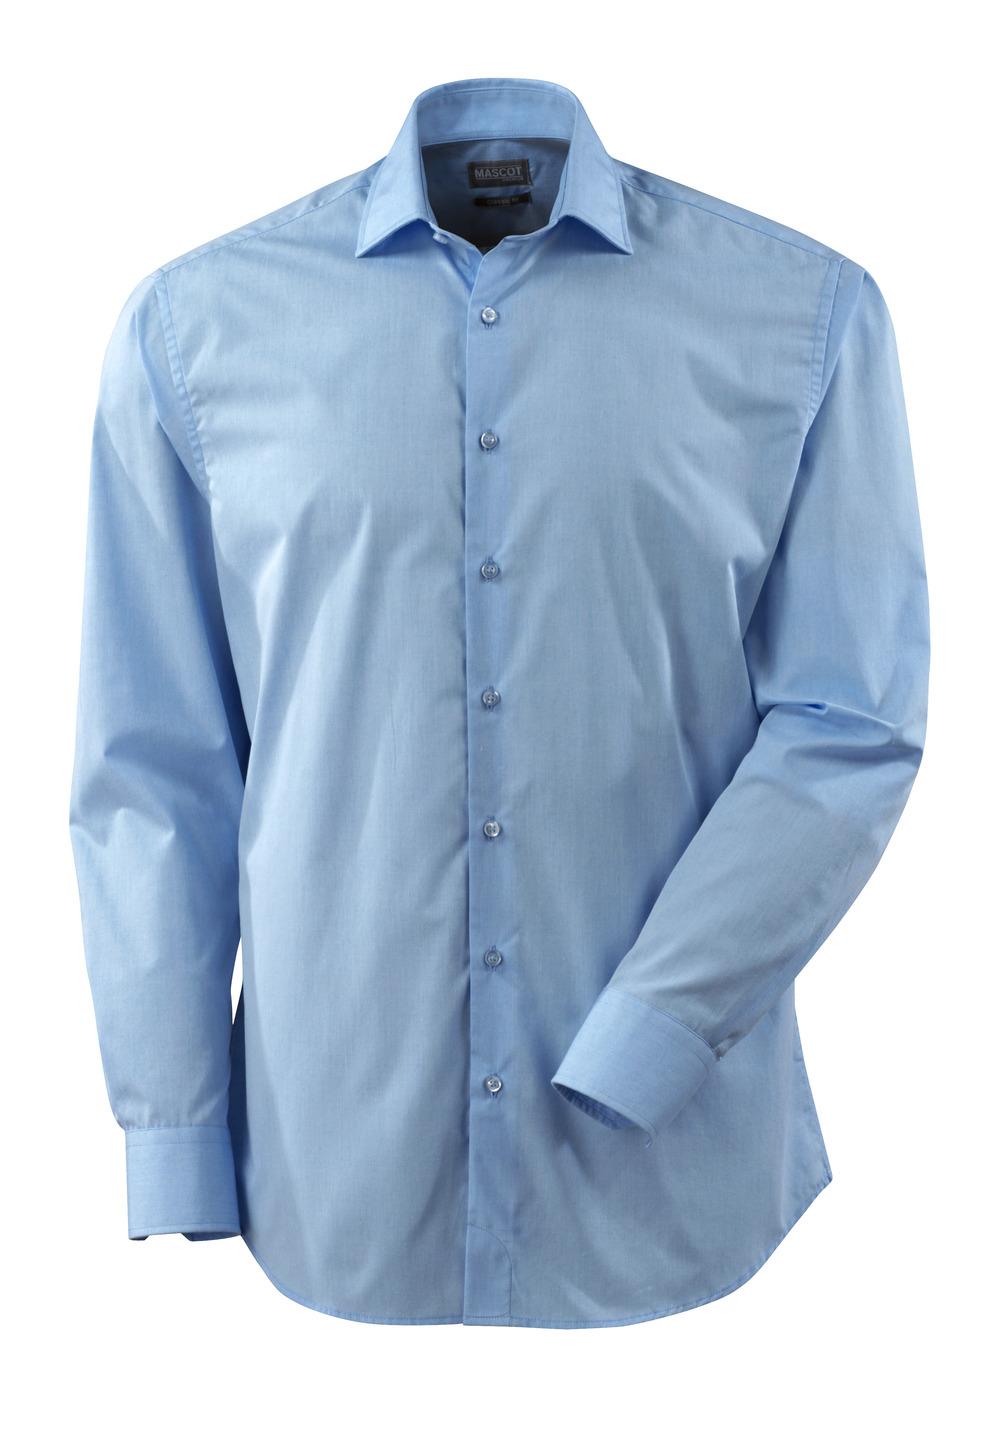 50631-984-71 Skjorte - lys blå